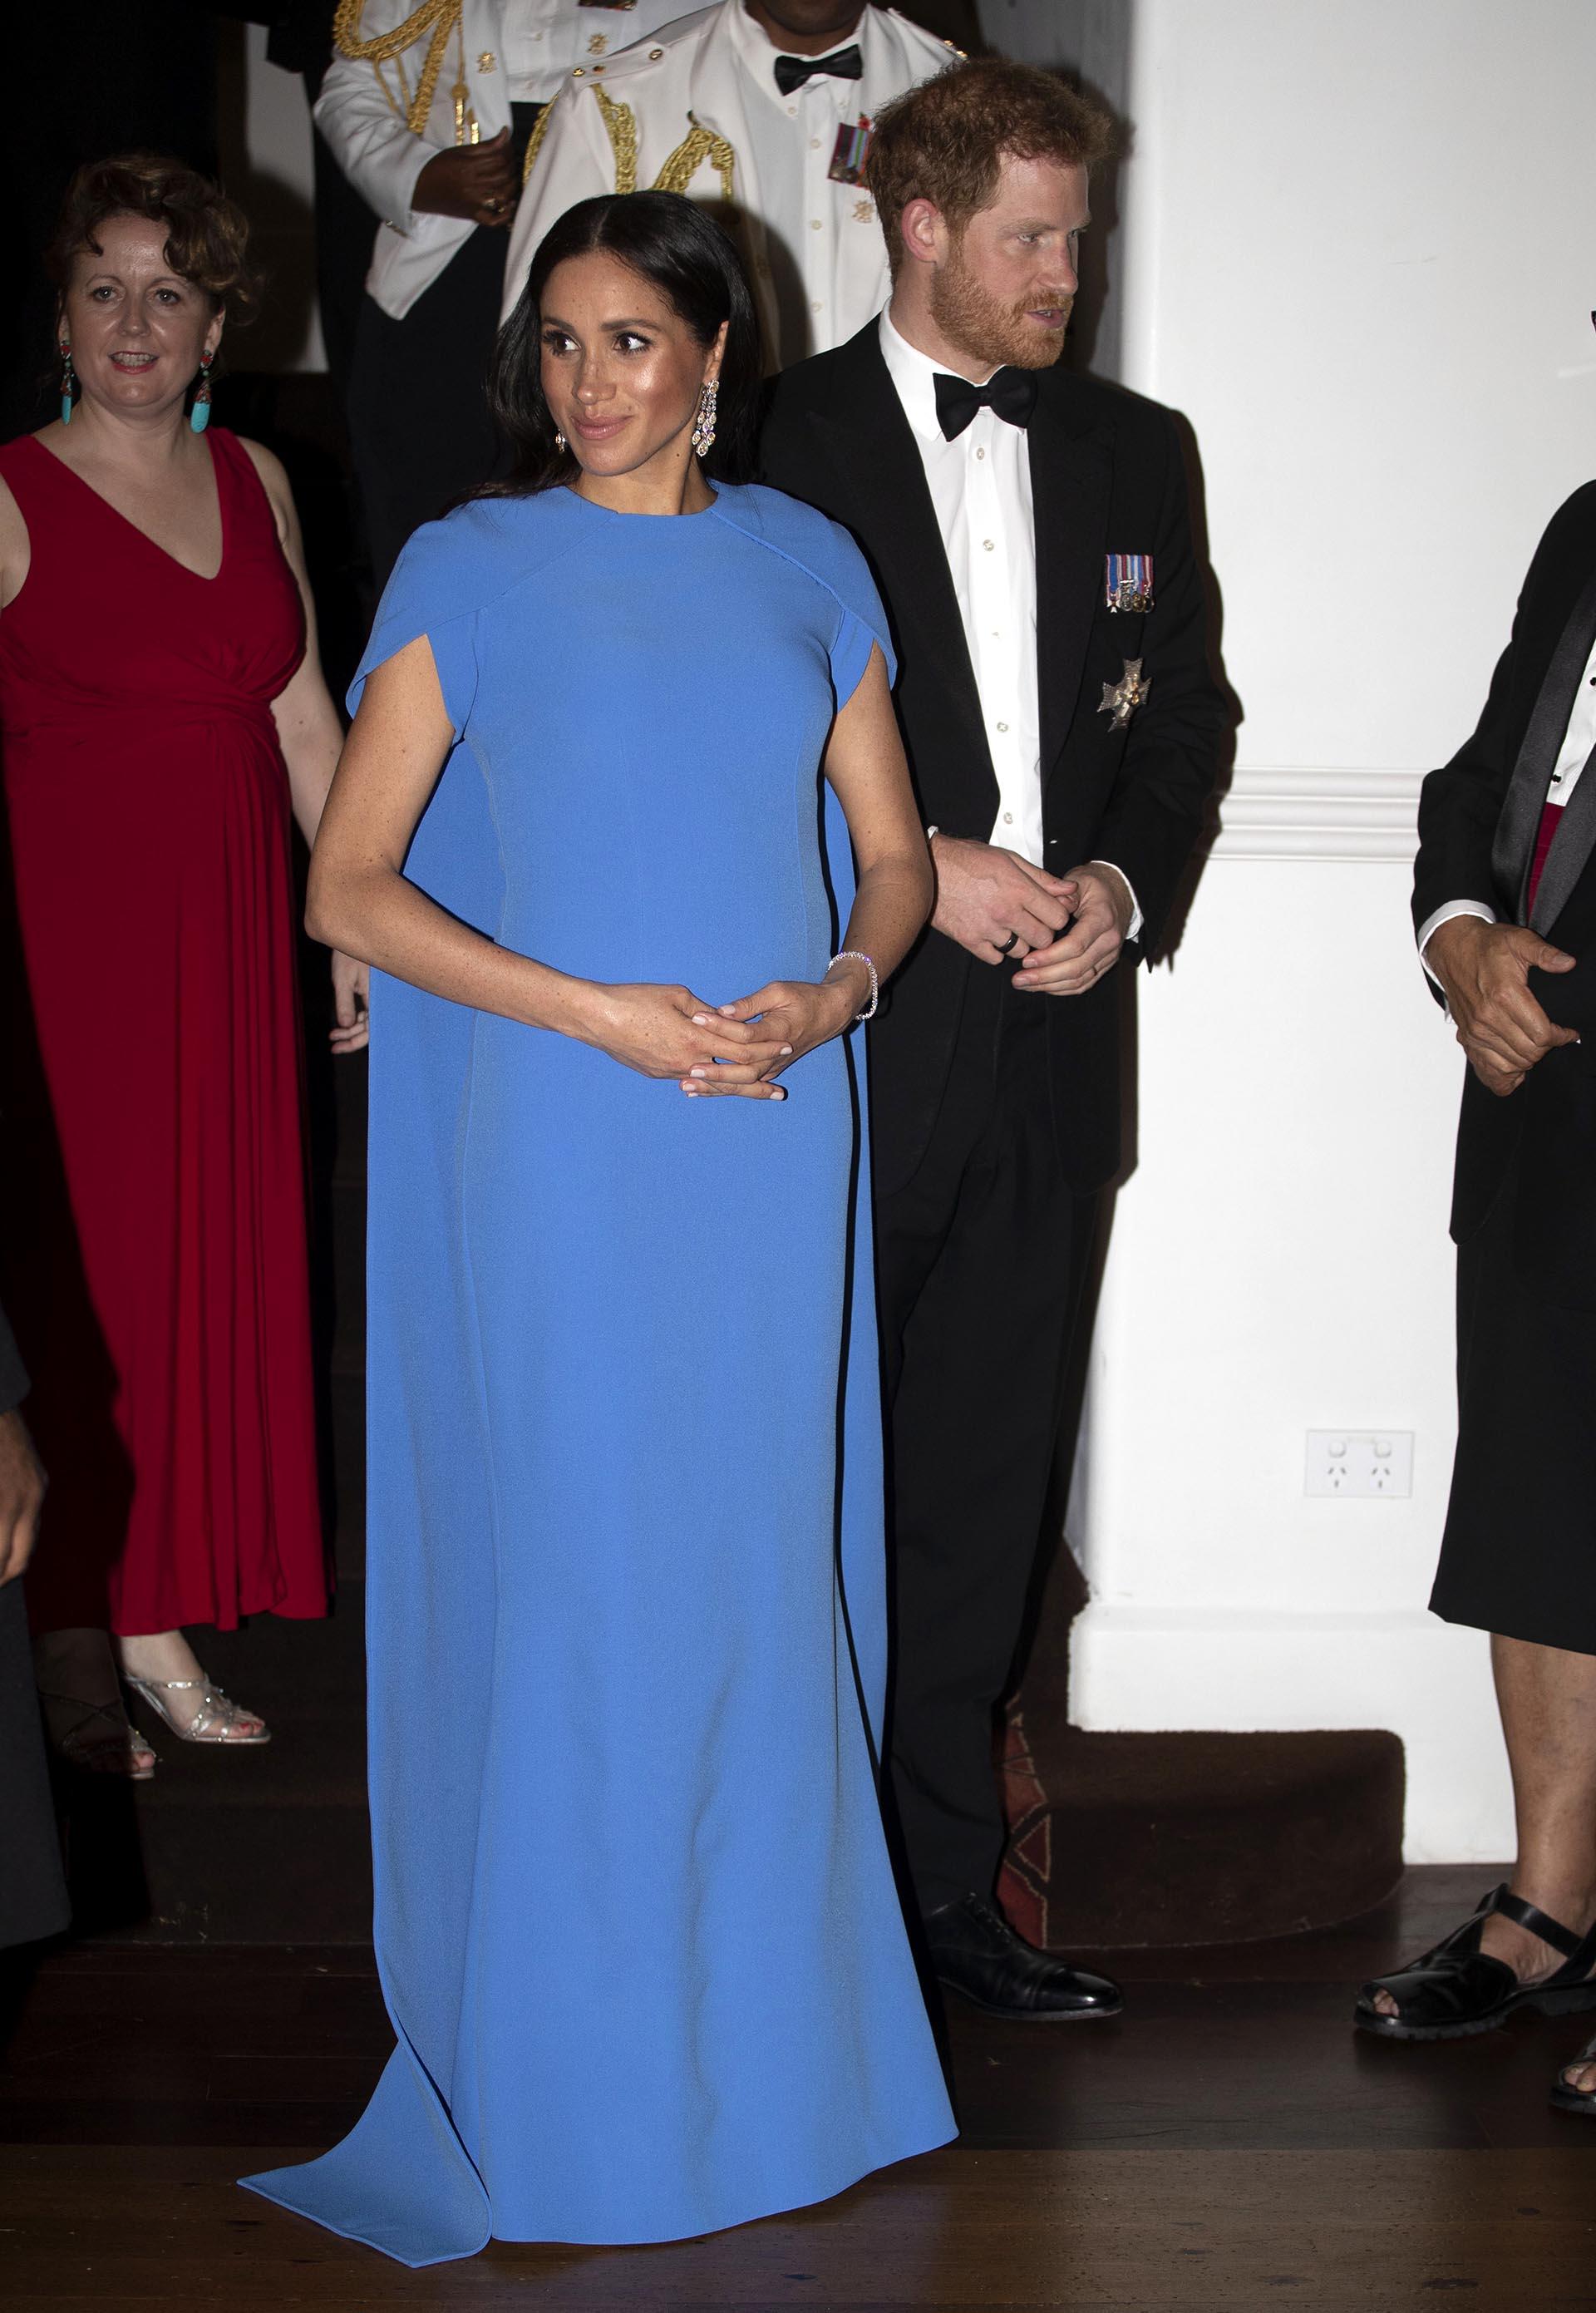 La duquesa de Sussex rindió homenaje a su país anfitrión cuando usó el vestido de ginkgo de Safiyaa en una cena de estado. El azul vibrante coincide con el tono que aparece en la bandera nacional de Fiji (AP Images)